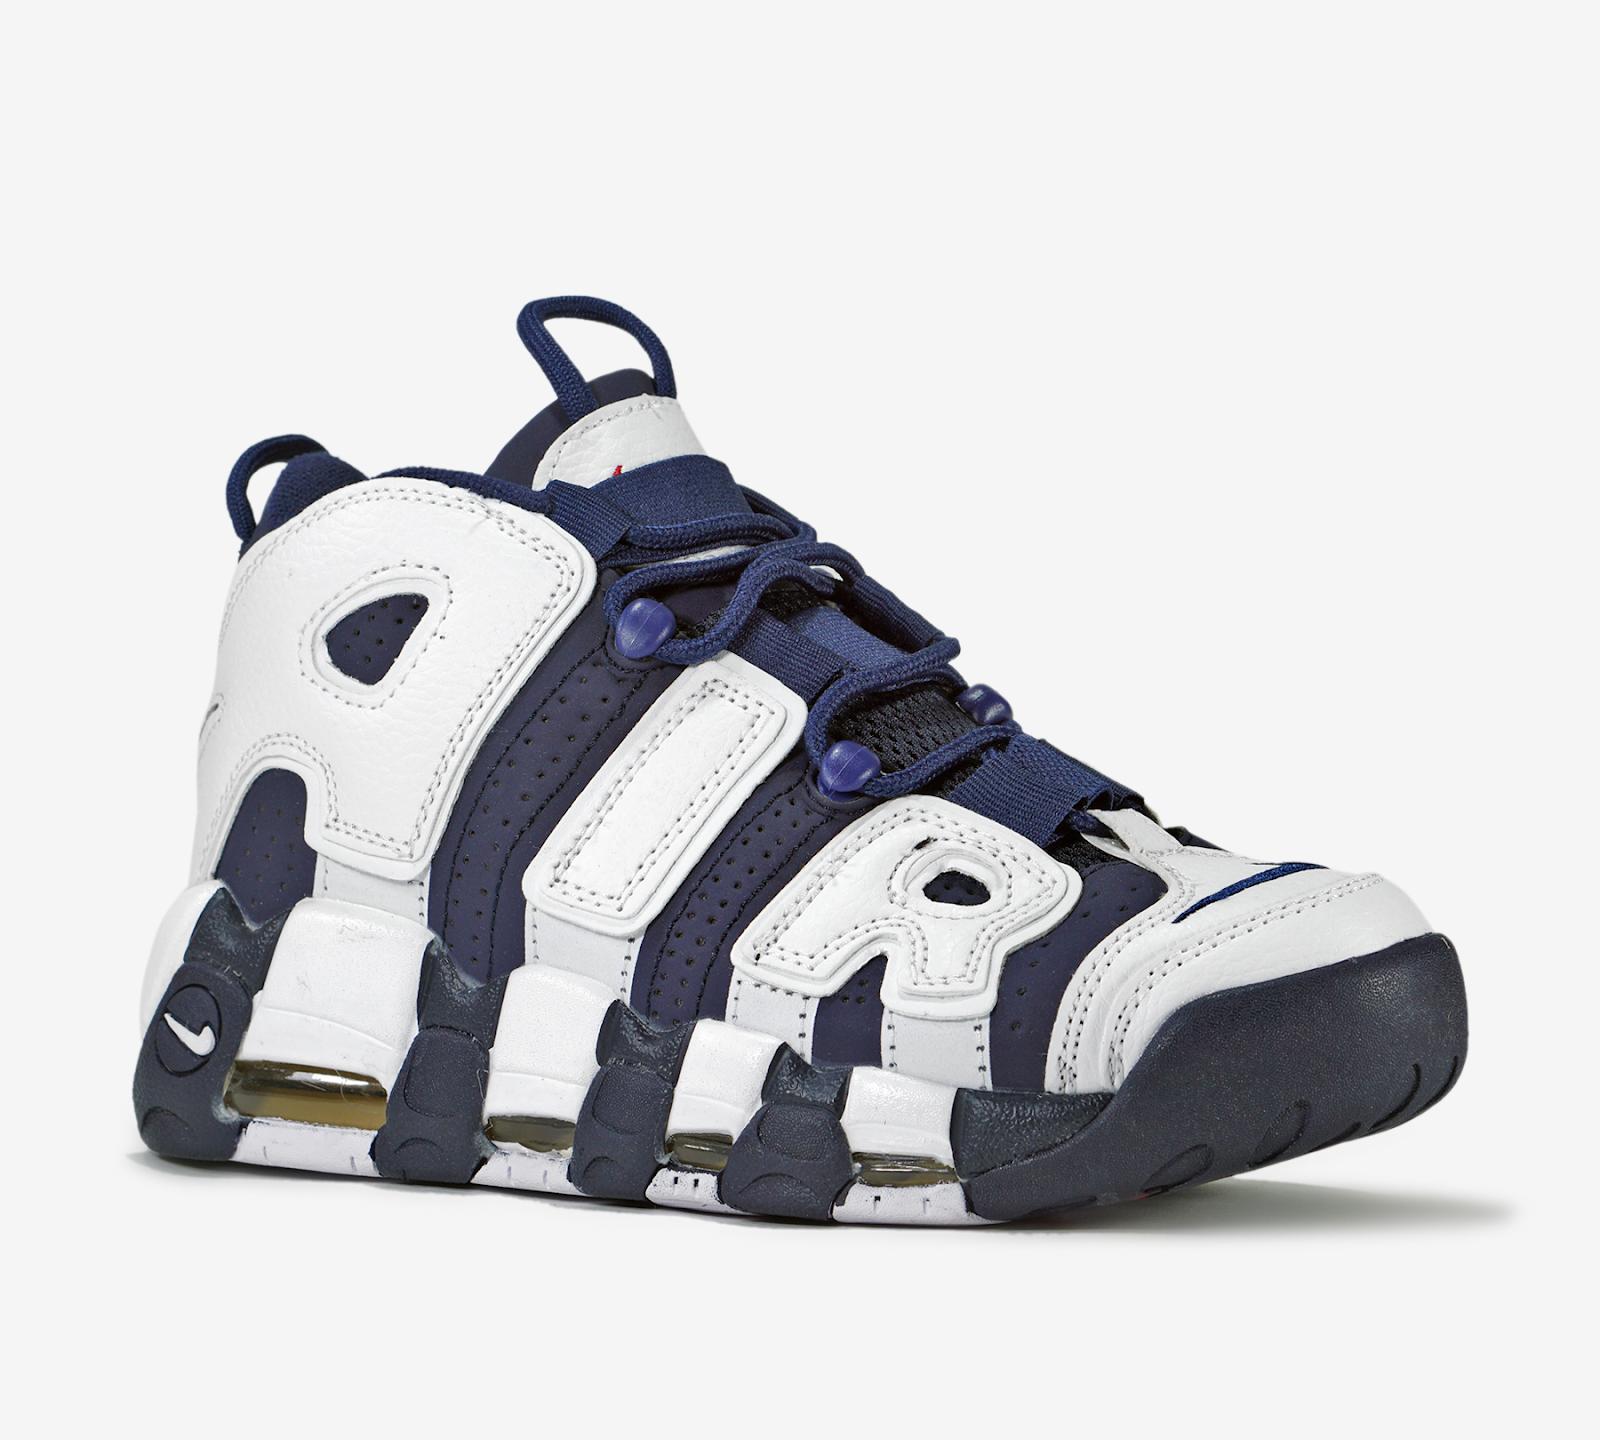 Giày bóng rổ lên ngôi  Air uptempo